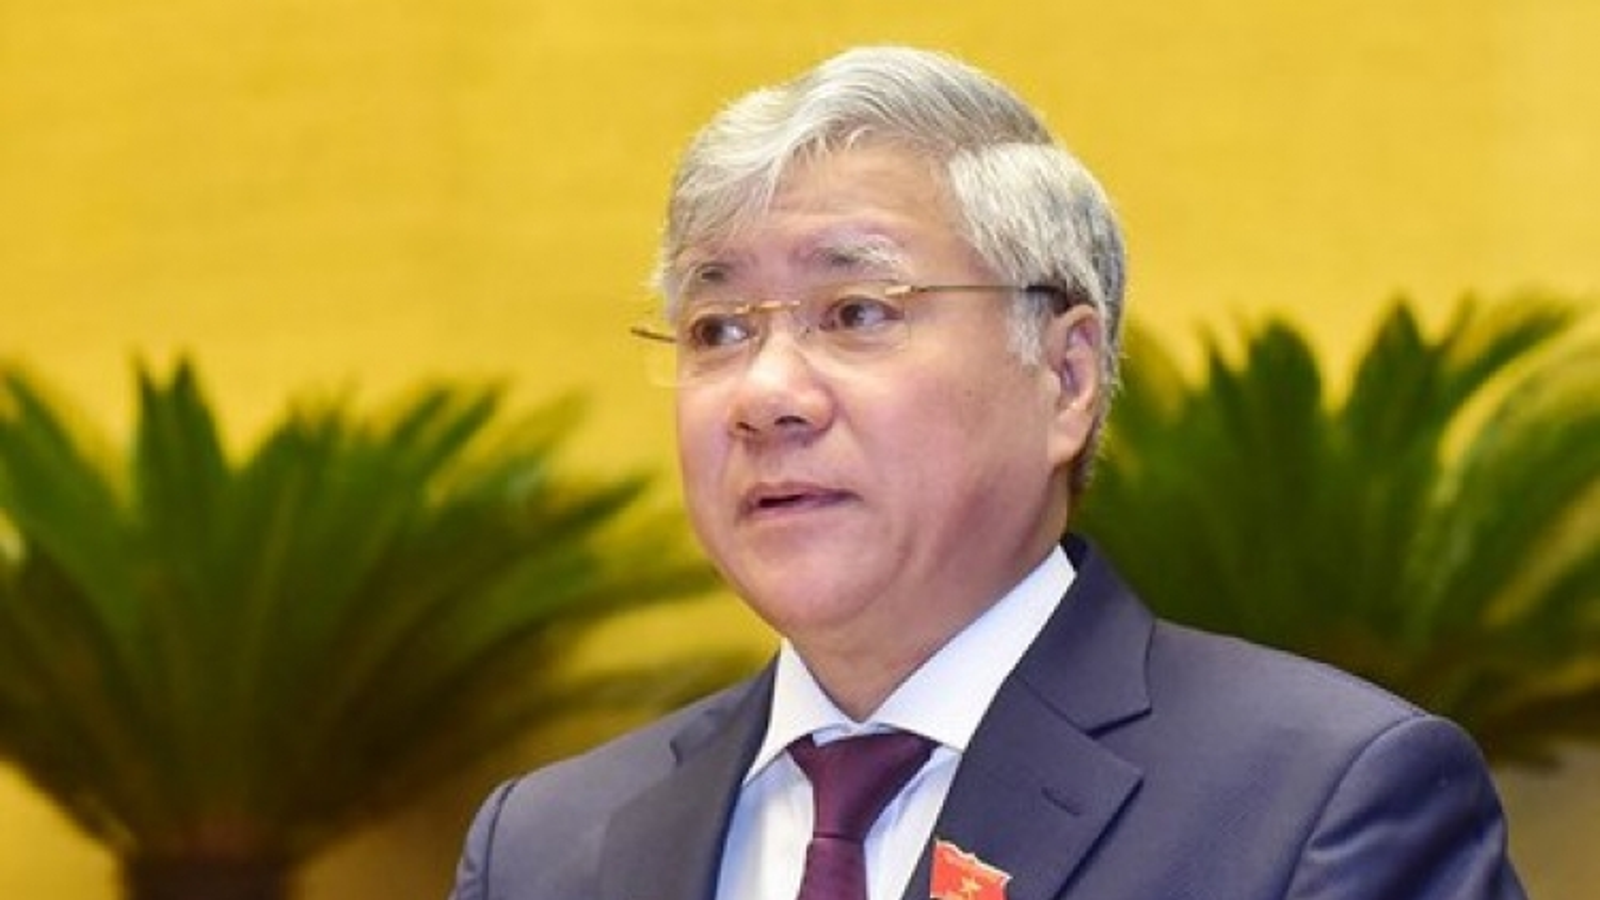 """Bộ trưởng Đỗ Văn Chiến: """"Đã có nhiều bài học về sự áp đặt chủ quan"""""""